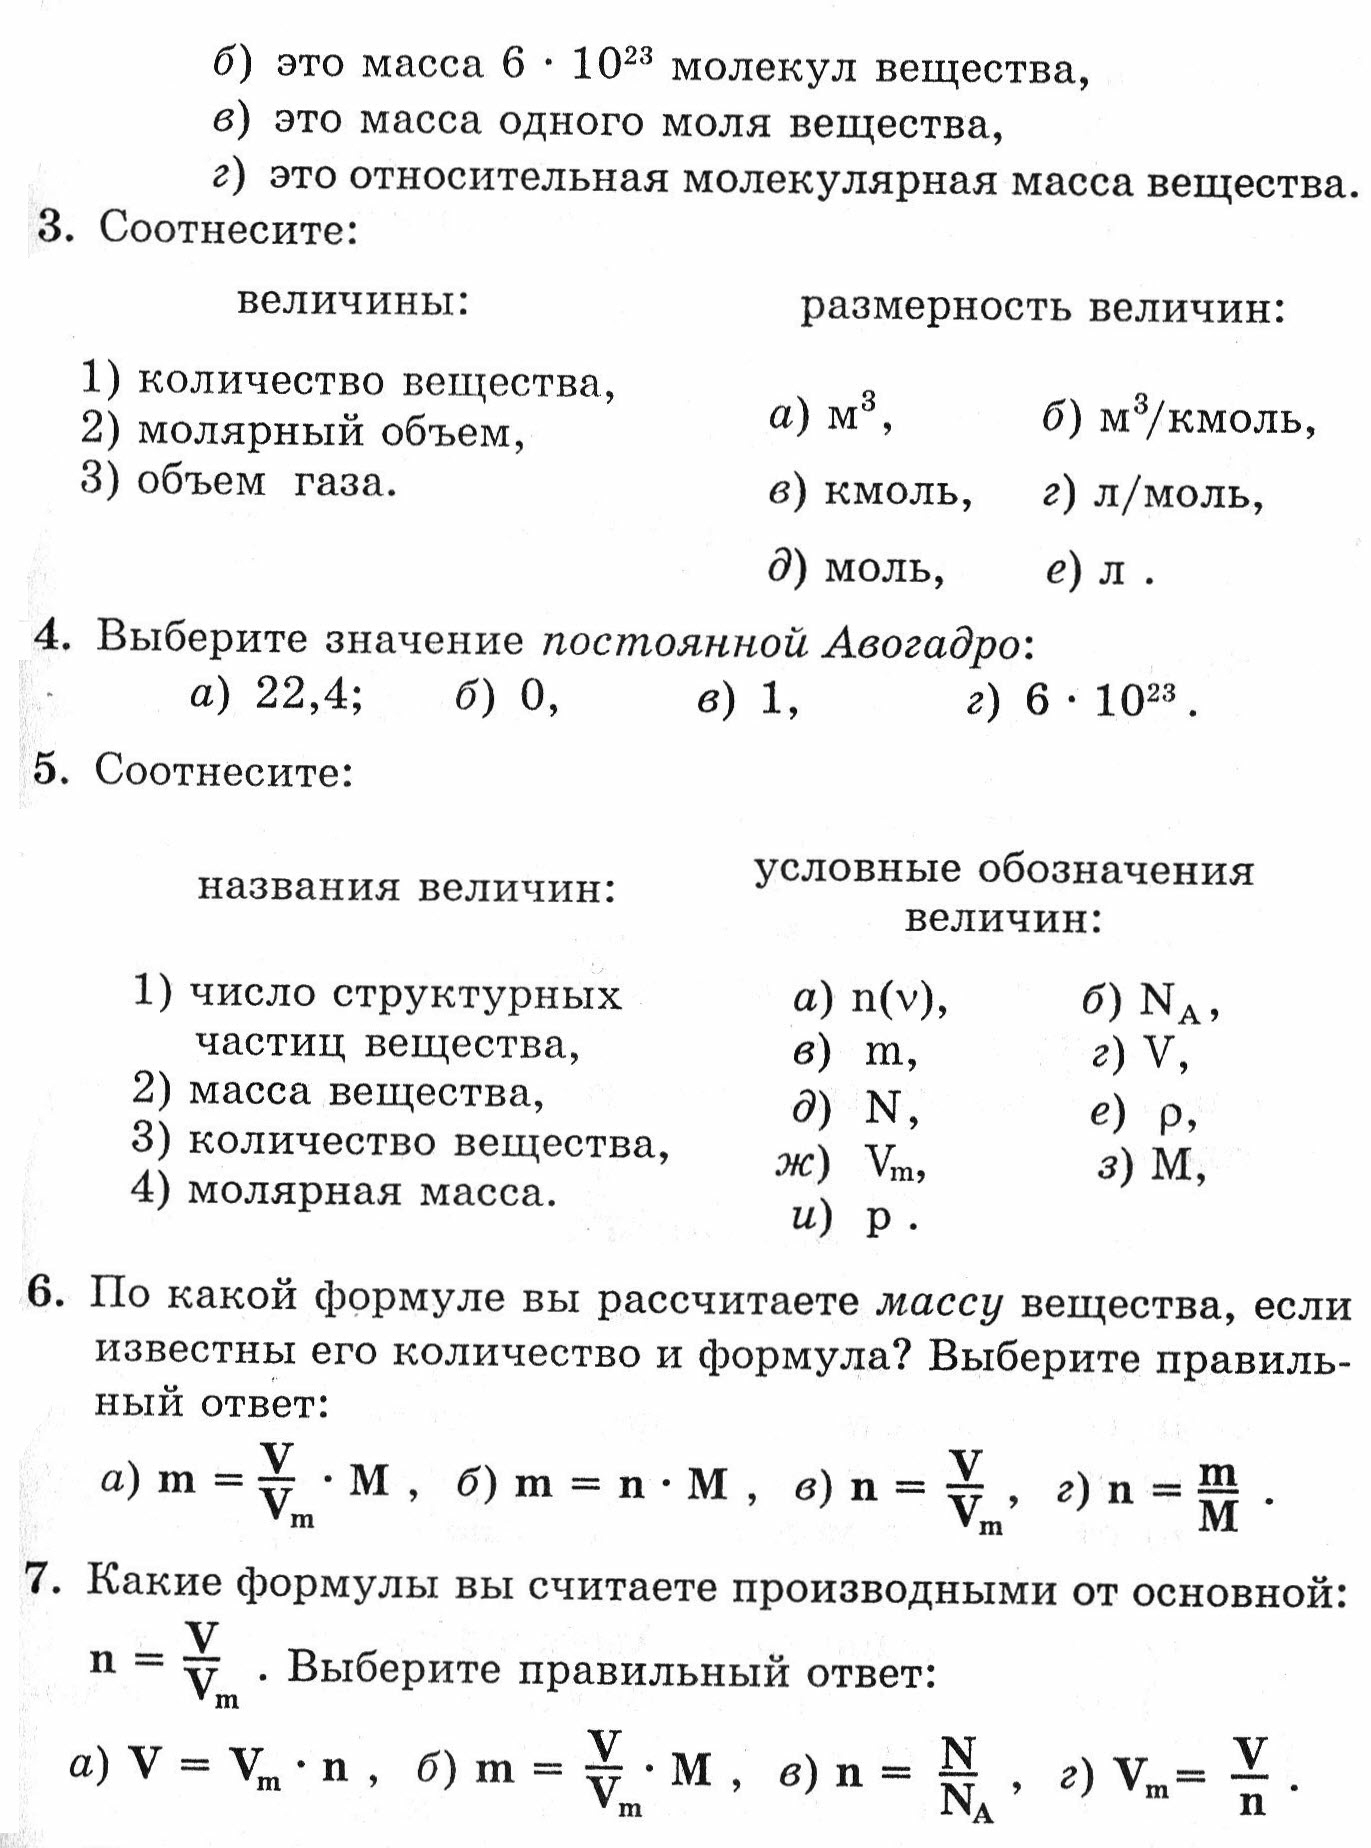 Задачи по химии с решения 8 класс решение задач умножение двузначного числа на однозначное